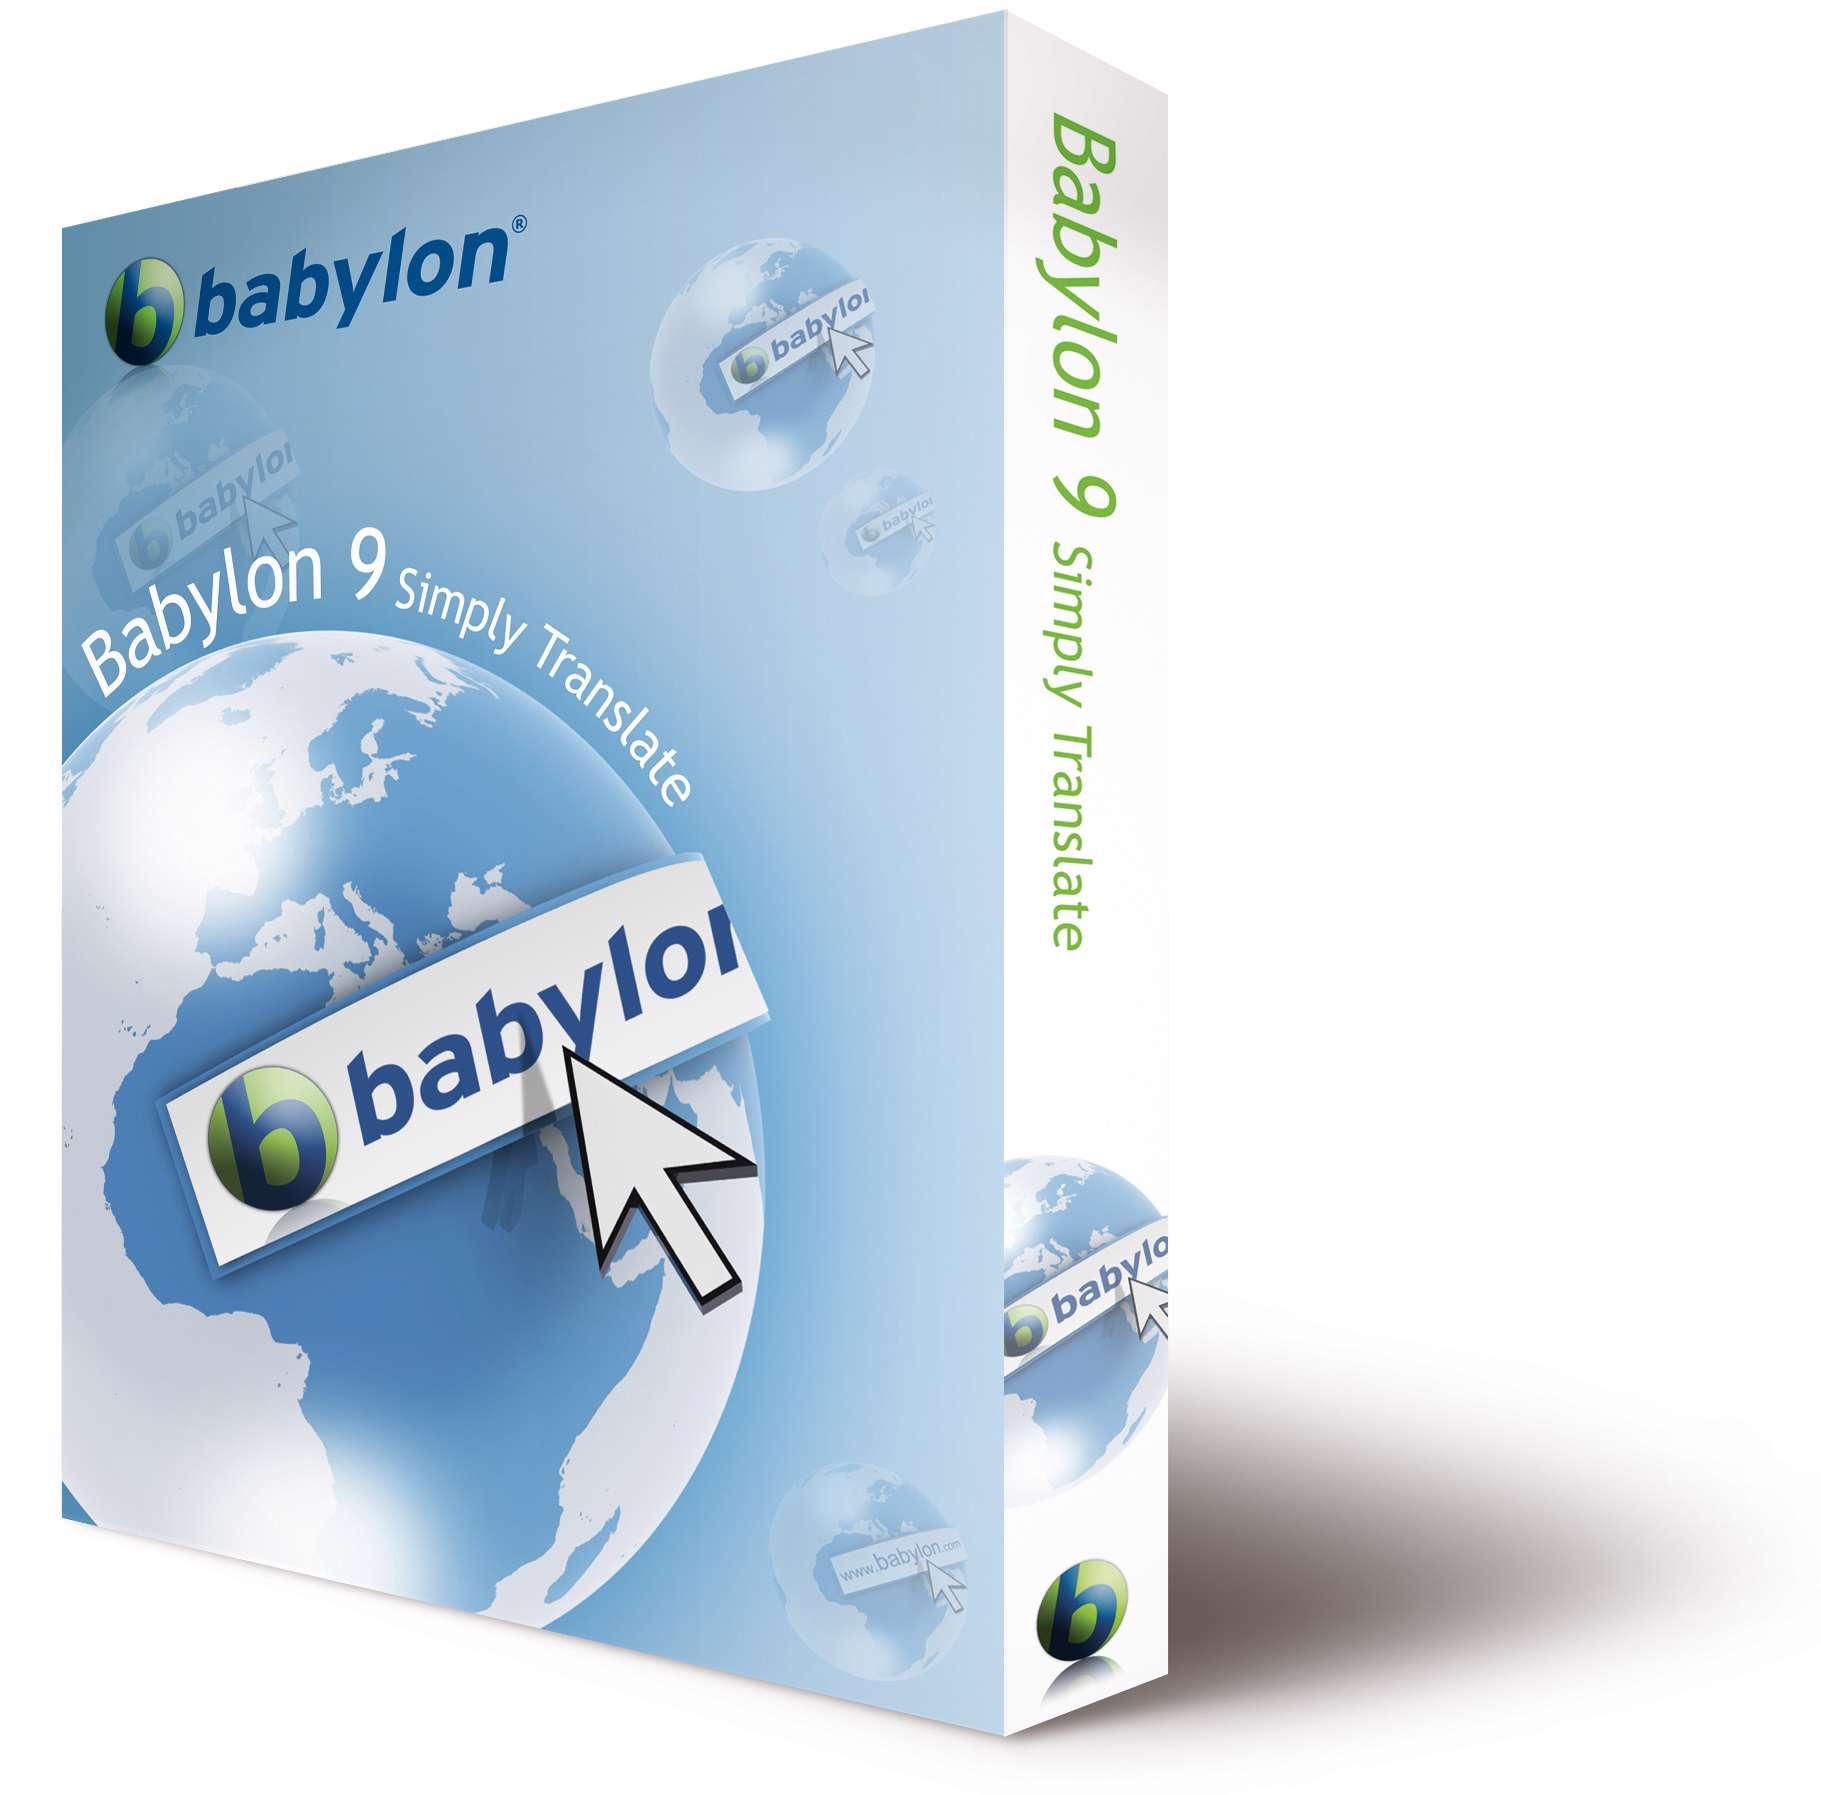 دانلود دیکشنری قدرتمند Babylon 10.5.0.11